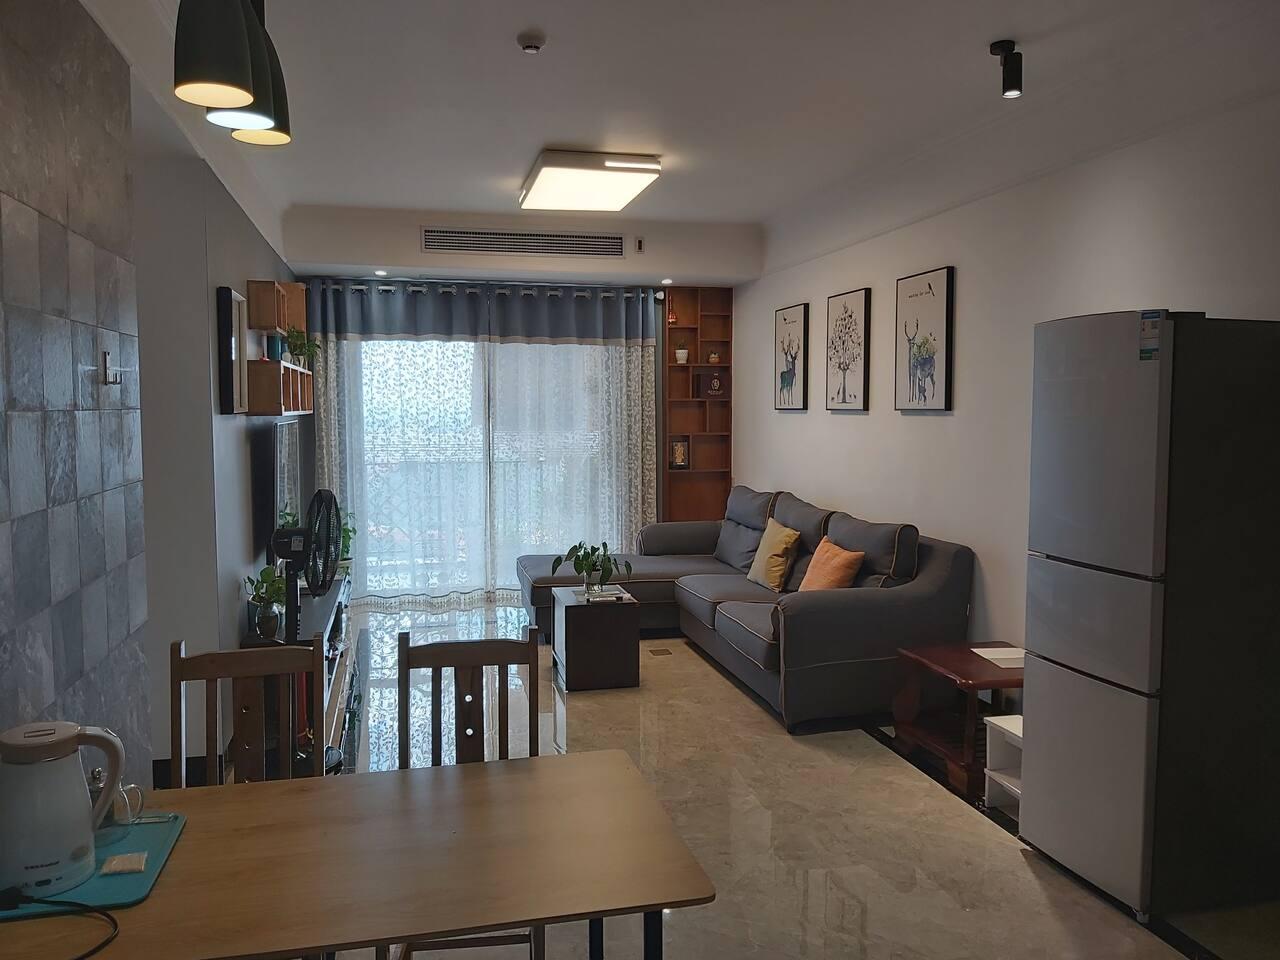 大厅有松下中央空调,55寸索尼电视,高级沙发。大阳台可以观景。